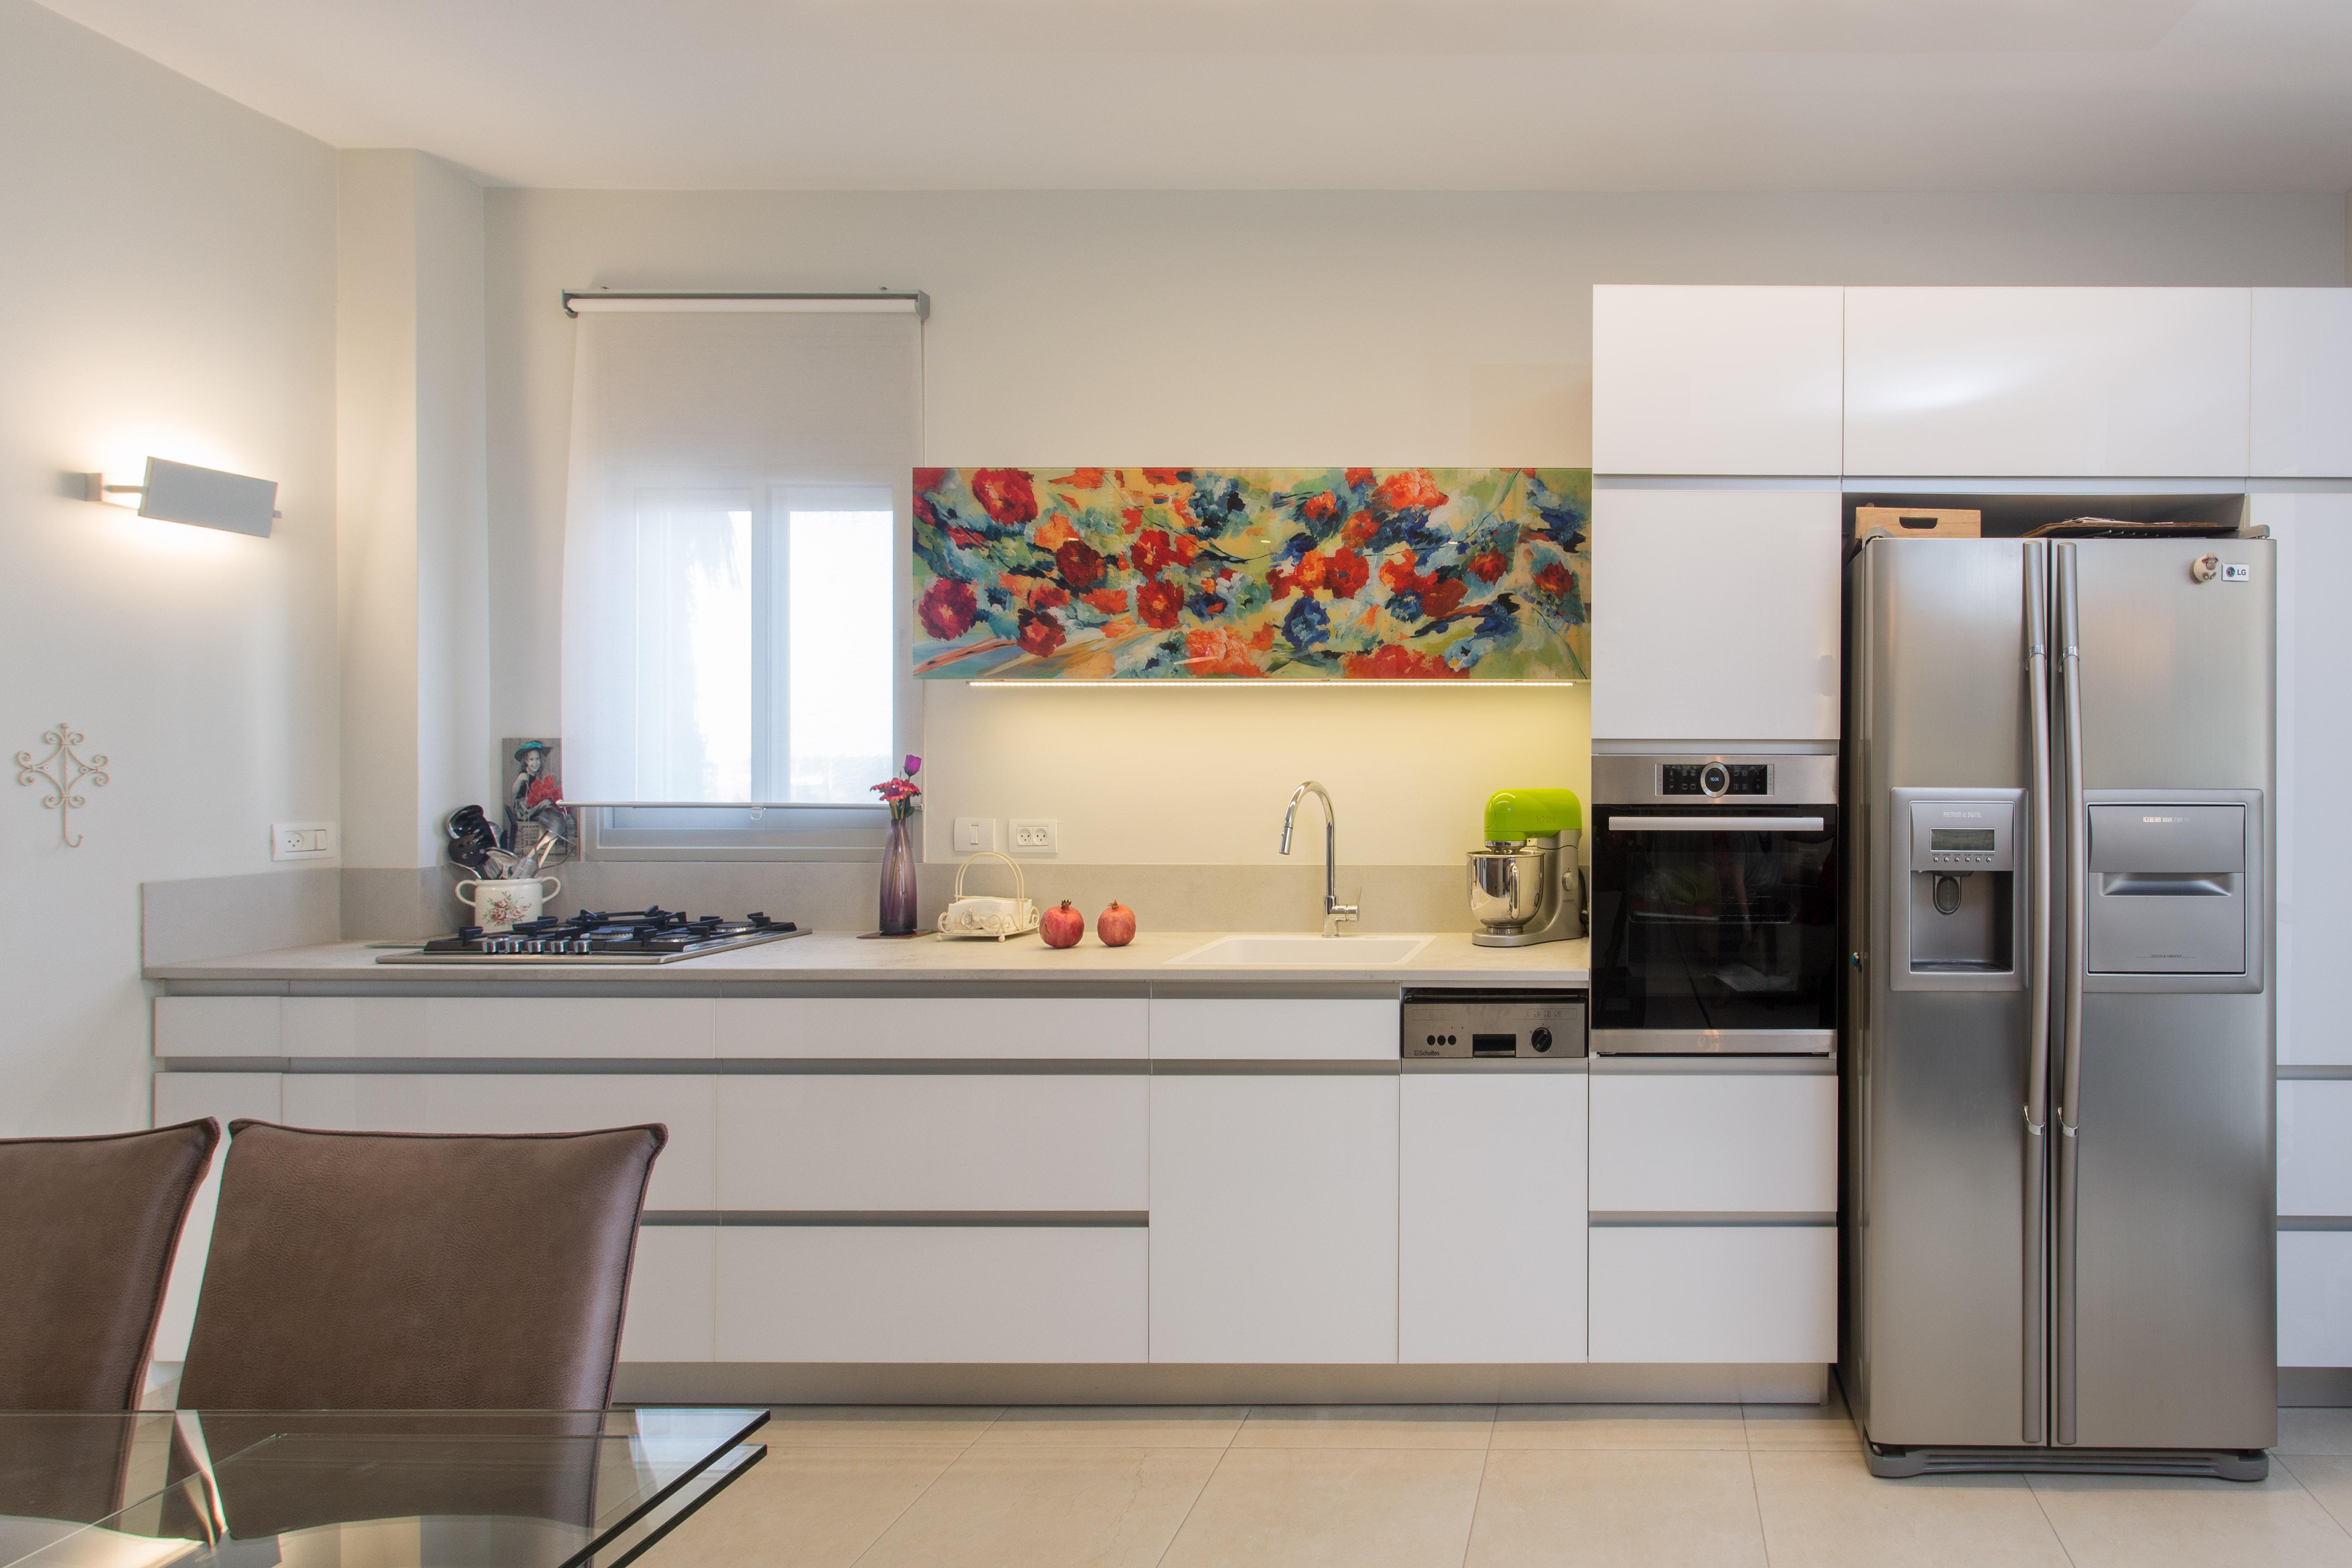 עיצוב מטבח מודרני, משטח מודרני המשלב ציור על הקלאפה, ענבל קרקו עיצוב פנים ופנג שואי